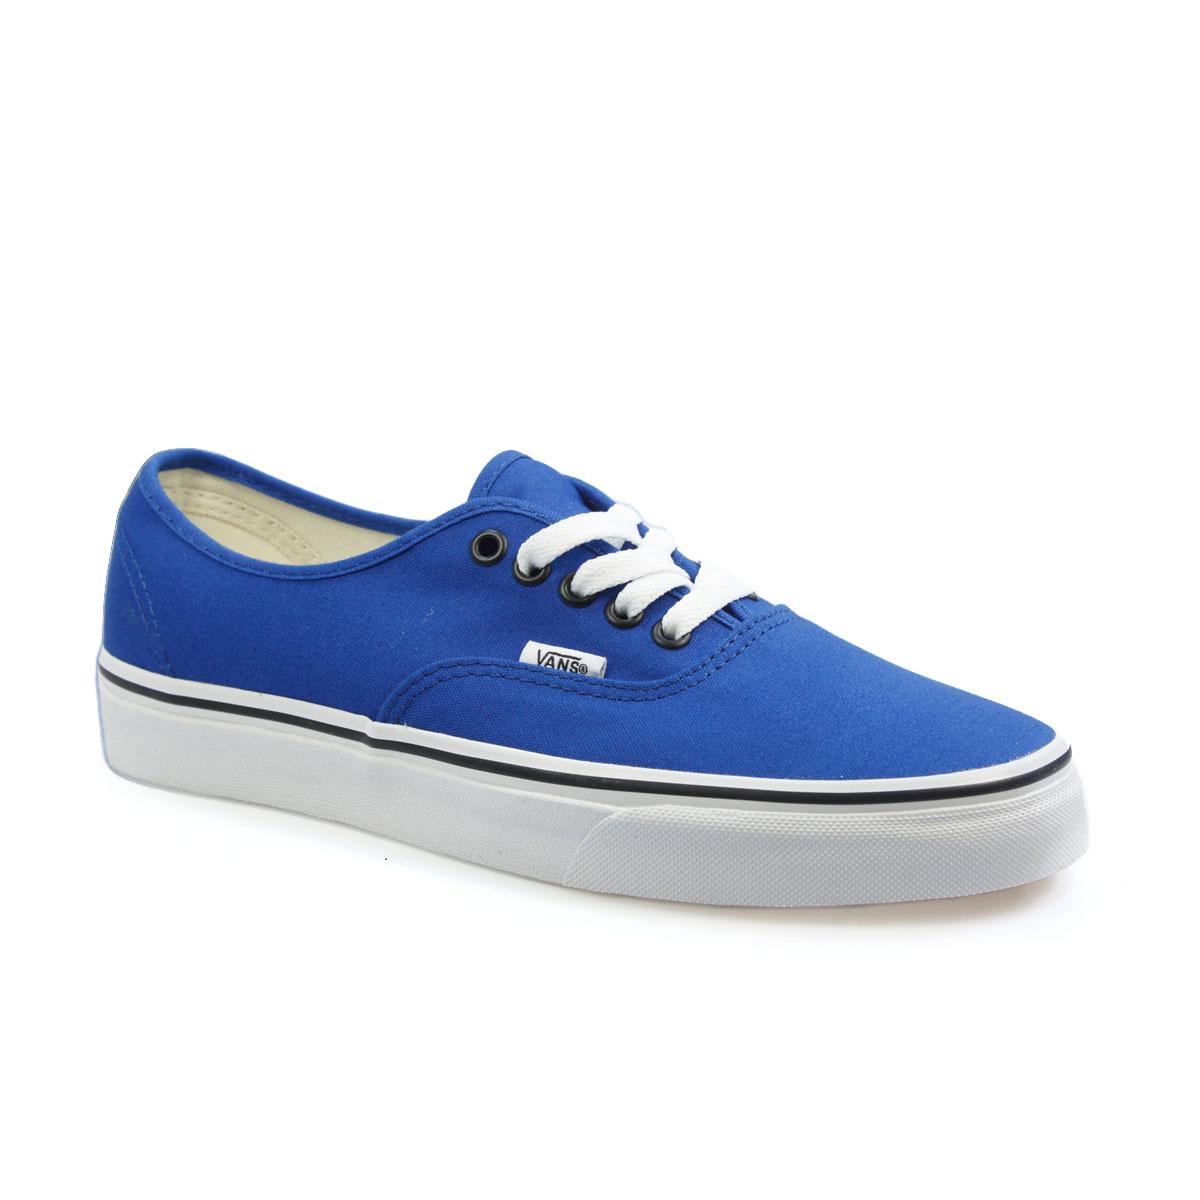 vans authentic sneakers sale | Vans Shoes India